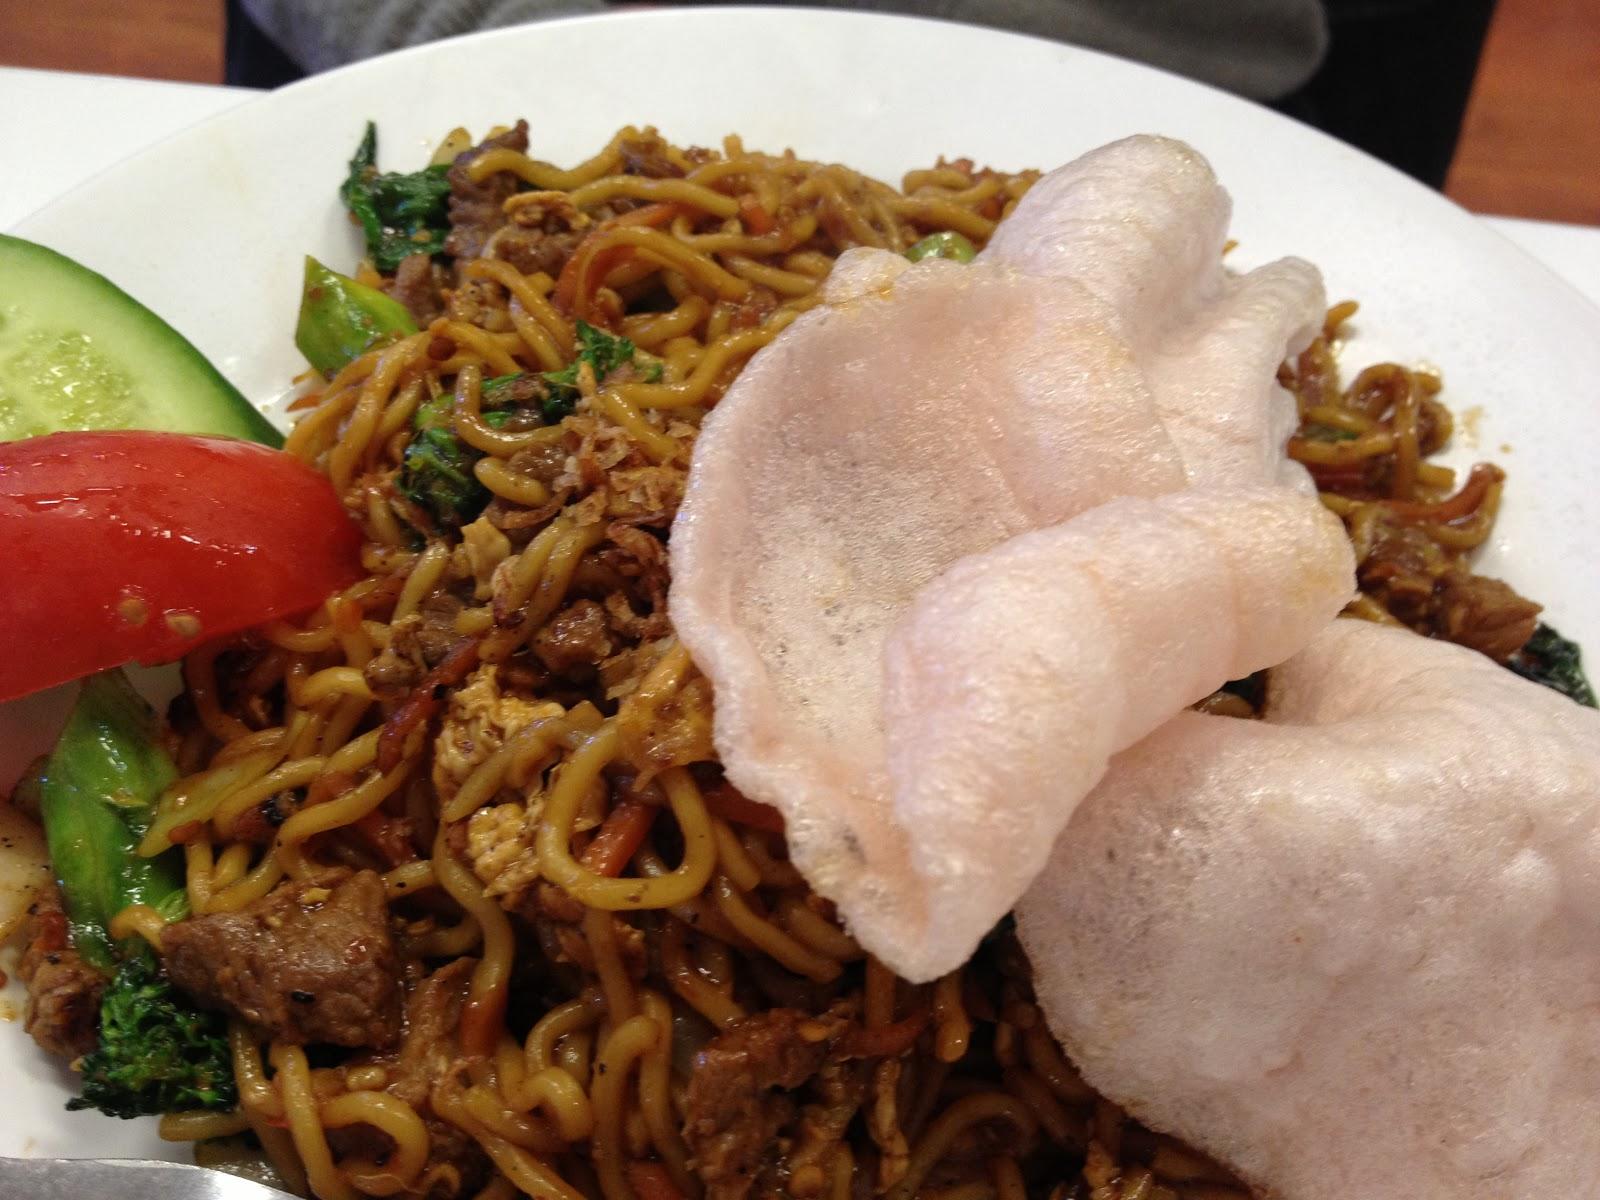 Asian restaurants in melbourne es teler 77 indonesian cafe for Asian cuisine melbourne